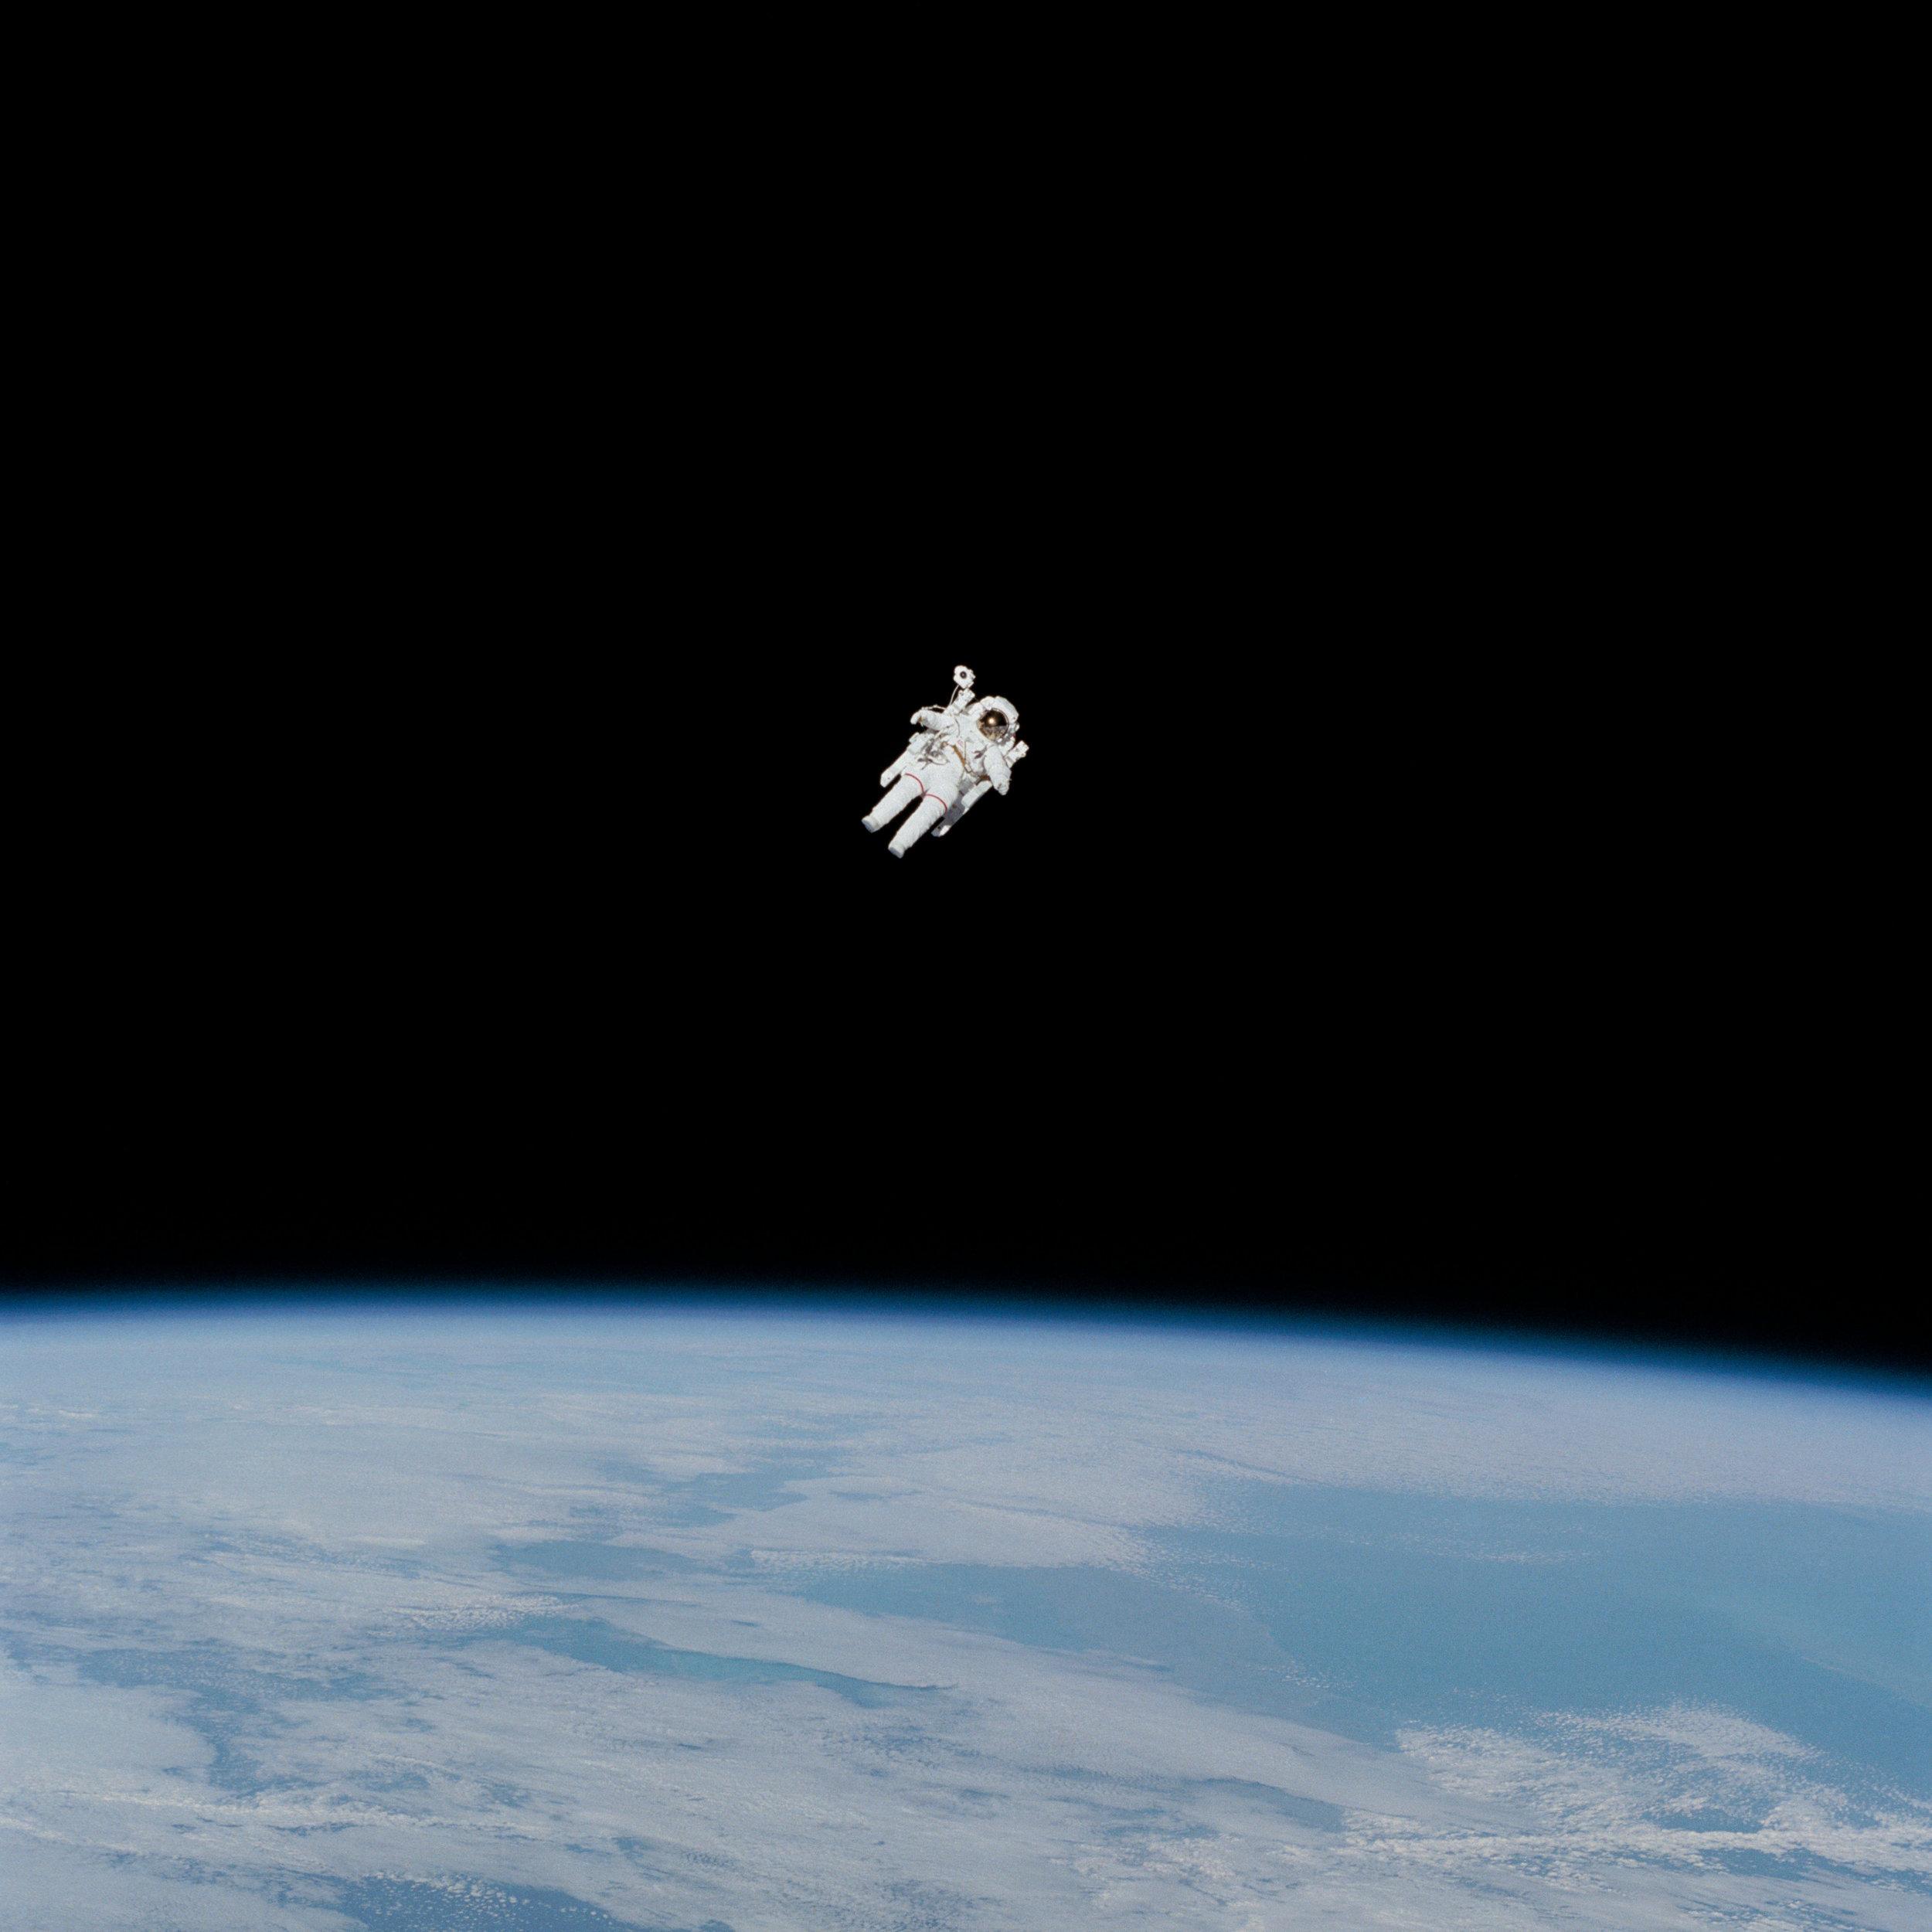 MODULE 8 - UN REGARD PROSPECTIVISTELa Terre est une planète propice à l'émergence de la conscience.L'évolution terre – humanité est intriquée.Comment envisager cette co-évolution en terme de prospective ?La vision et la potentialité de quelques peuples premiers peut-elle nous aider ?